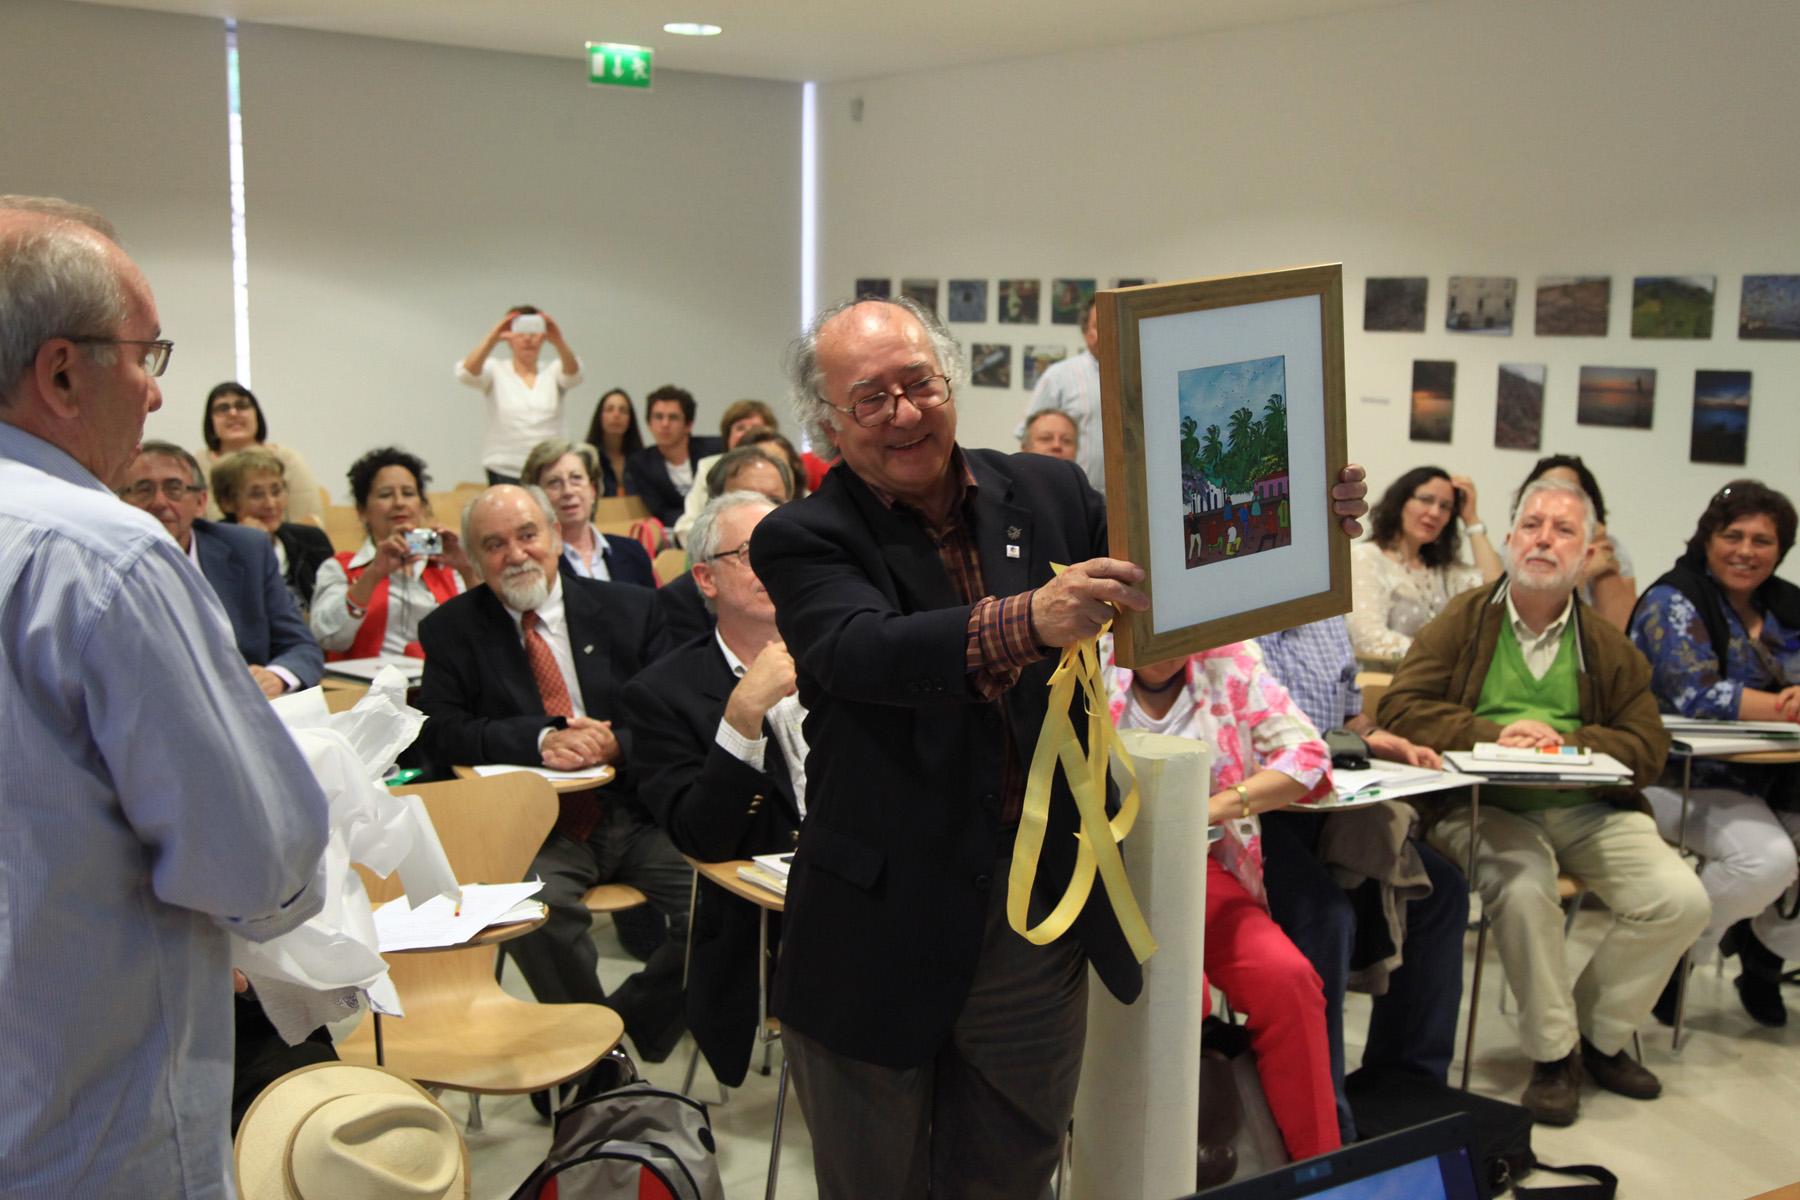 El Centro de Estudios Ibéricos tributa un homenaje al excatedrático Valentín Cabero en el marco de los Cursos de Verano 2014